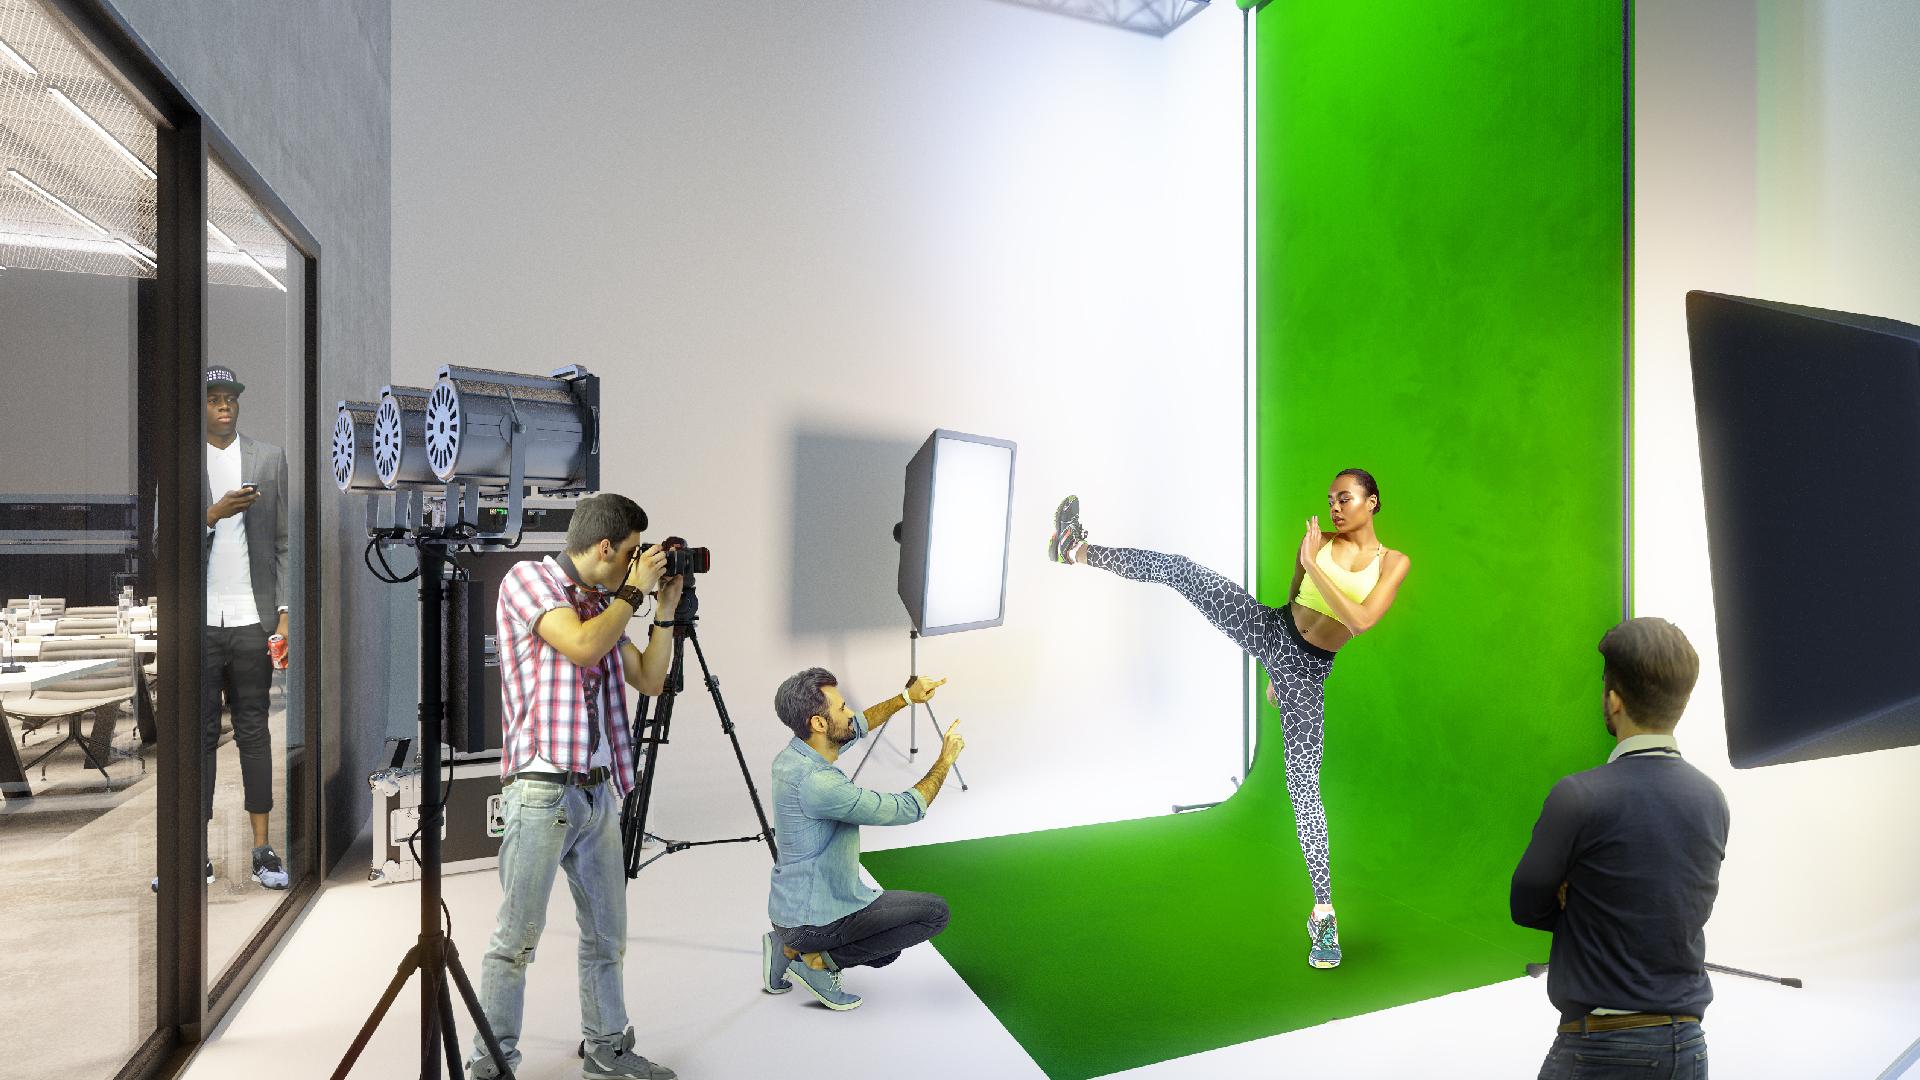 RecordingStudio_1920x1080px